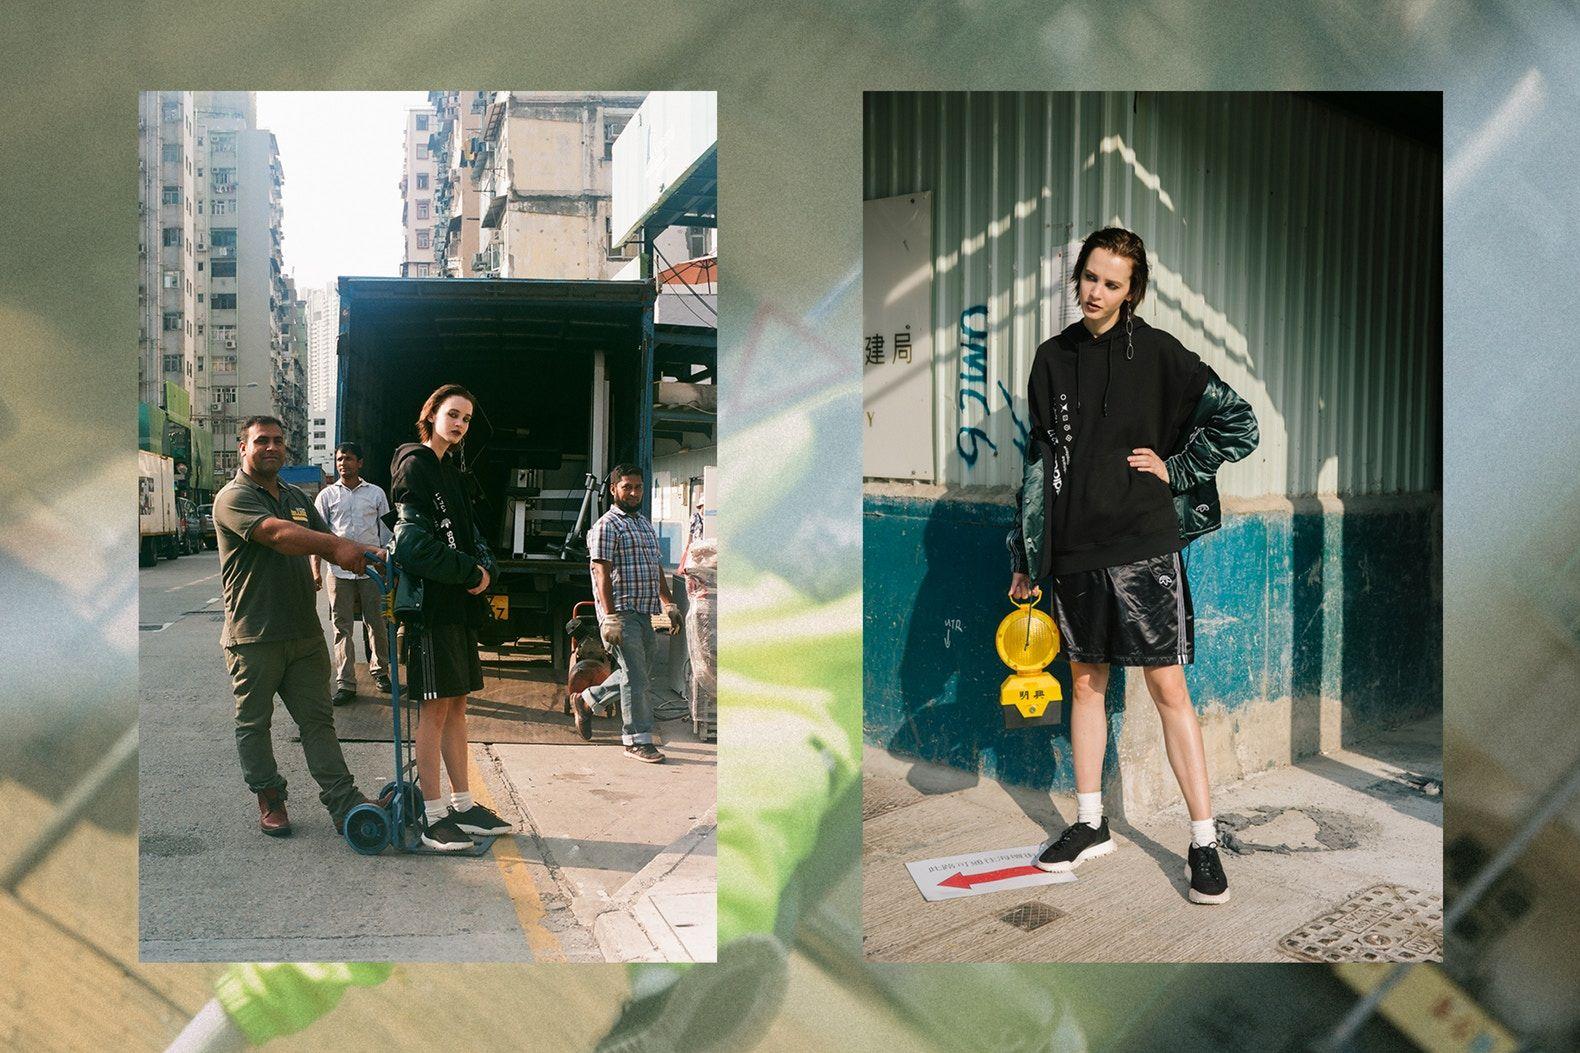 Alexander Wang x adidas Originals Season 2 Drop 3 Exclusive Editorial